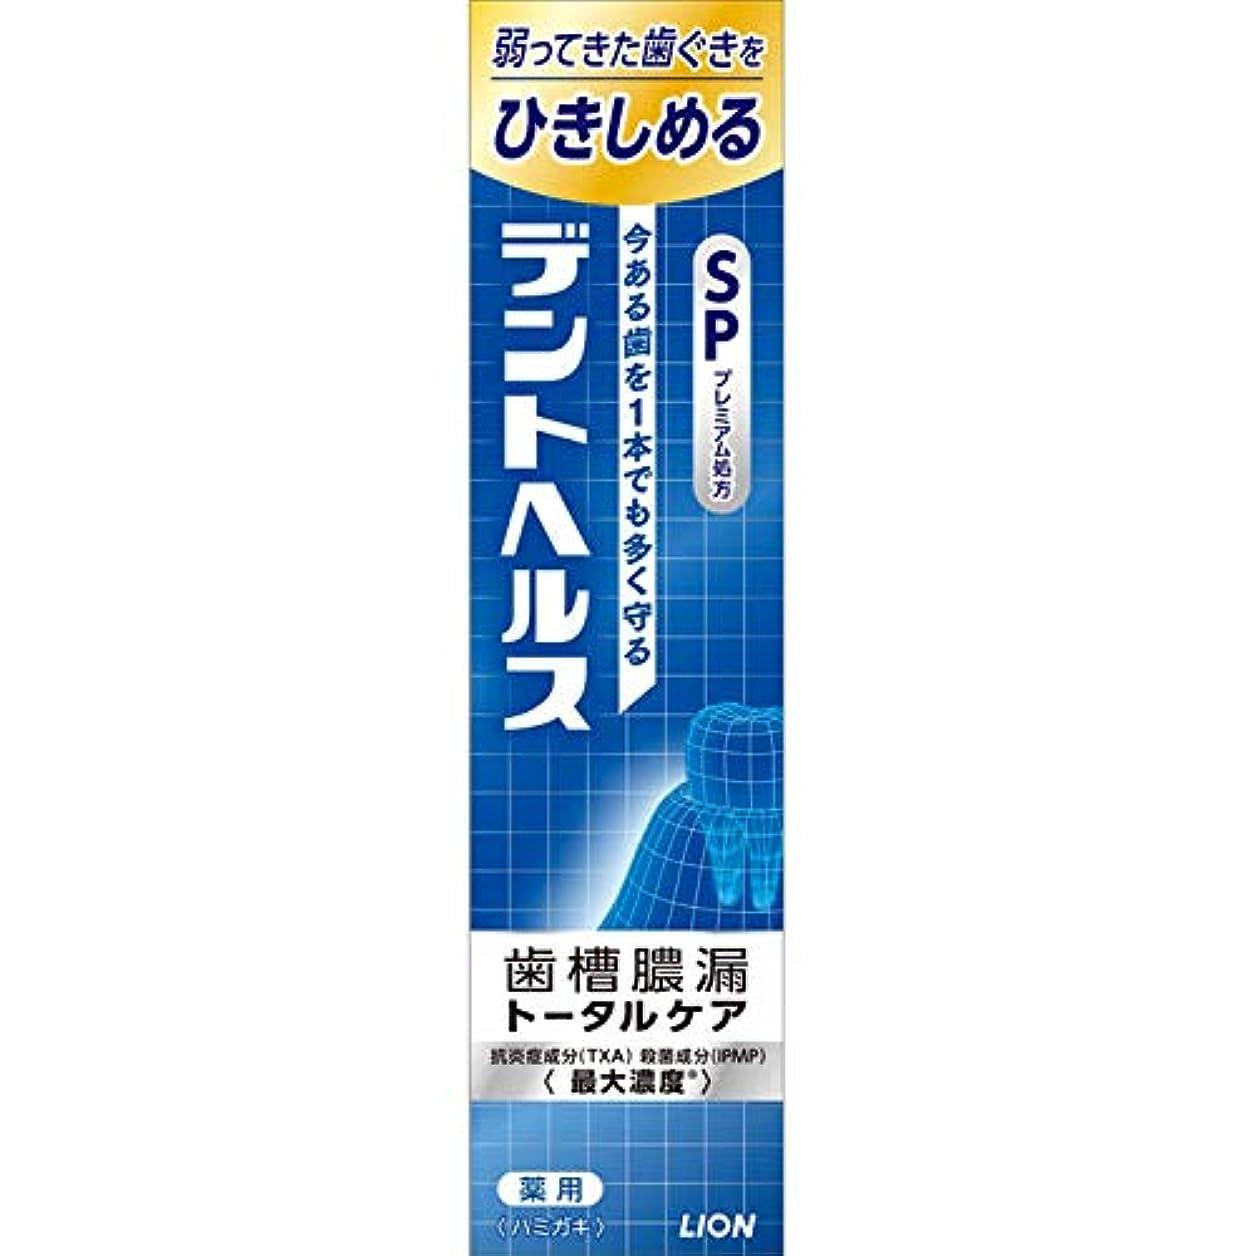 保存するお客様欠かせないライオン デントヘルス 薬用ハミガキ SP 120g (医薬部外品)